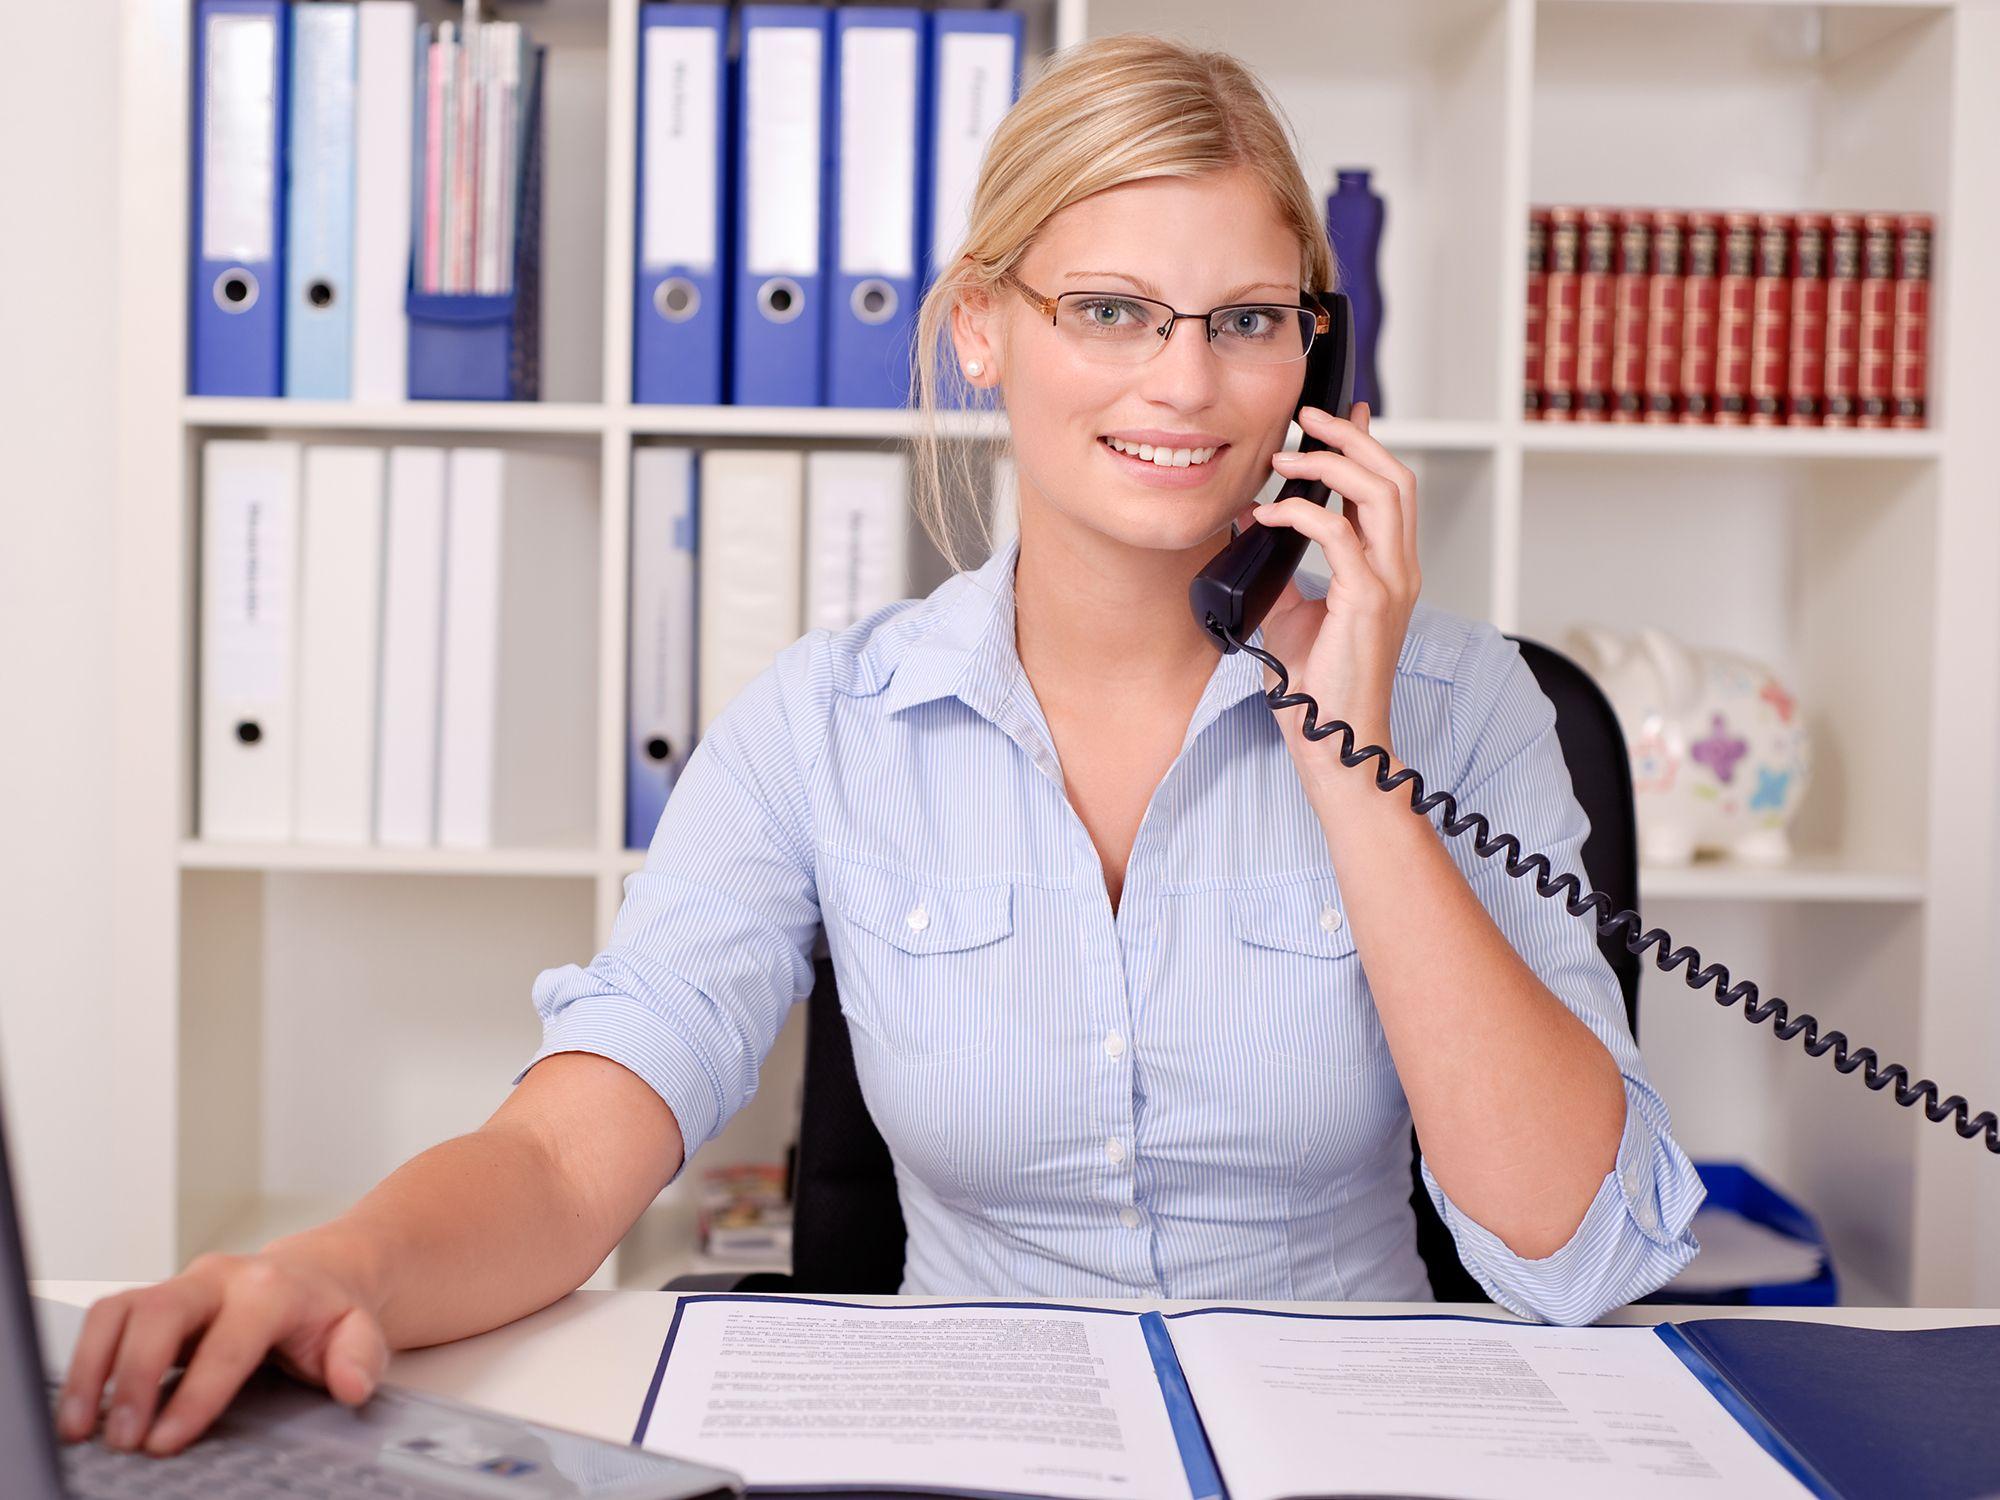 Level 3 - Sekretäre, Sekretärinnen, Schreibkraft, Schreibsekretär, Bürohilfskraft, Bürofachkraft, Empfangssekretär, Empfangssekretärin, Bürosekretär, Bürosekretärin, Bürokraft, Leiharbeiter, Zeitarbeiter, Leiharbeitnehmer, Leihkraft, Temporärarbeiter für Büros, Büroarbeit, Büroaufgaben, Bürotätigkeiten, Büroorganisation, Sekretariat, Urlaubsvertretung und Rekrutierung bei uns als Personalagentur, Zeitarbeitsfirma, Zeitarbeitsunternehmen, Personal-Service-Agentur, Personaldienstleistungsagentur und Leiharbeitsfirma per Arbeitnehmer-Leasing, Arbeitnehmerüberlassung, Arbeitskräfte-Leasing, Arbeitskräfteüberlassung, Arbeitskraftüberlassung, Leiharbeit, Mitarbeiter-Leasing, Mitarbeiterleasing, Mitarbeiterüberlassung, Personaldienstleistung, Personalleasing, Personalüberlassung, Temporärarbeit, Zeitarbeit buchen, mieten, leihen oder langfristig neue Mitarbeiter für Jobs wie Büro Jobs, Schülerjobs, Ferienjobs, Aushilfsjobs, Studentenjobs, Werkstudentenjobs, Saisonjobs, Vollzeit Jobs, Teilzeit Jobs, Nebenjobs, Temporär Jobs, Gelegenheitsjobs per Personalvermittlung suchen, finden und vermittelt bekommen.